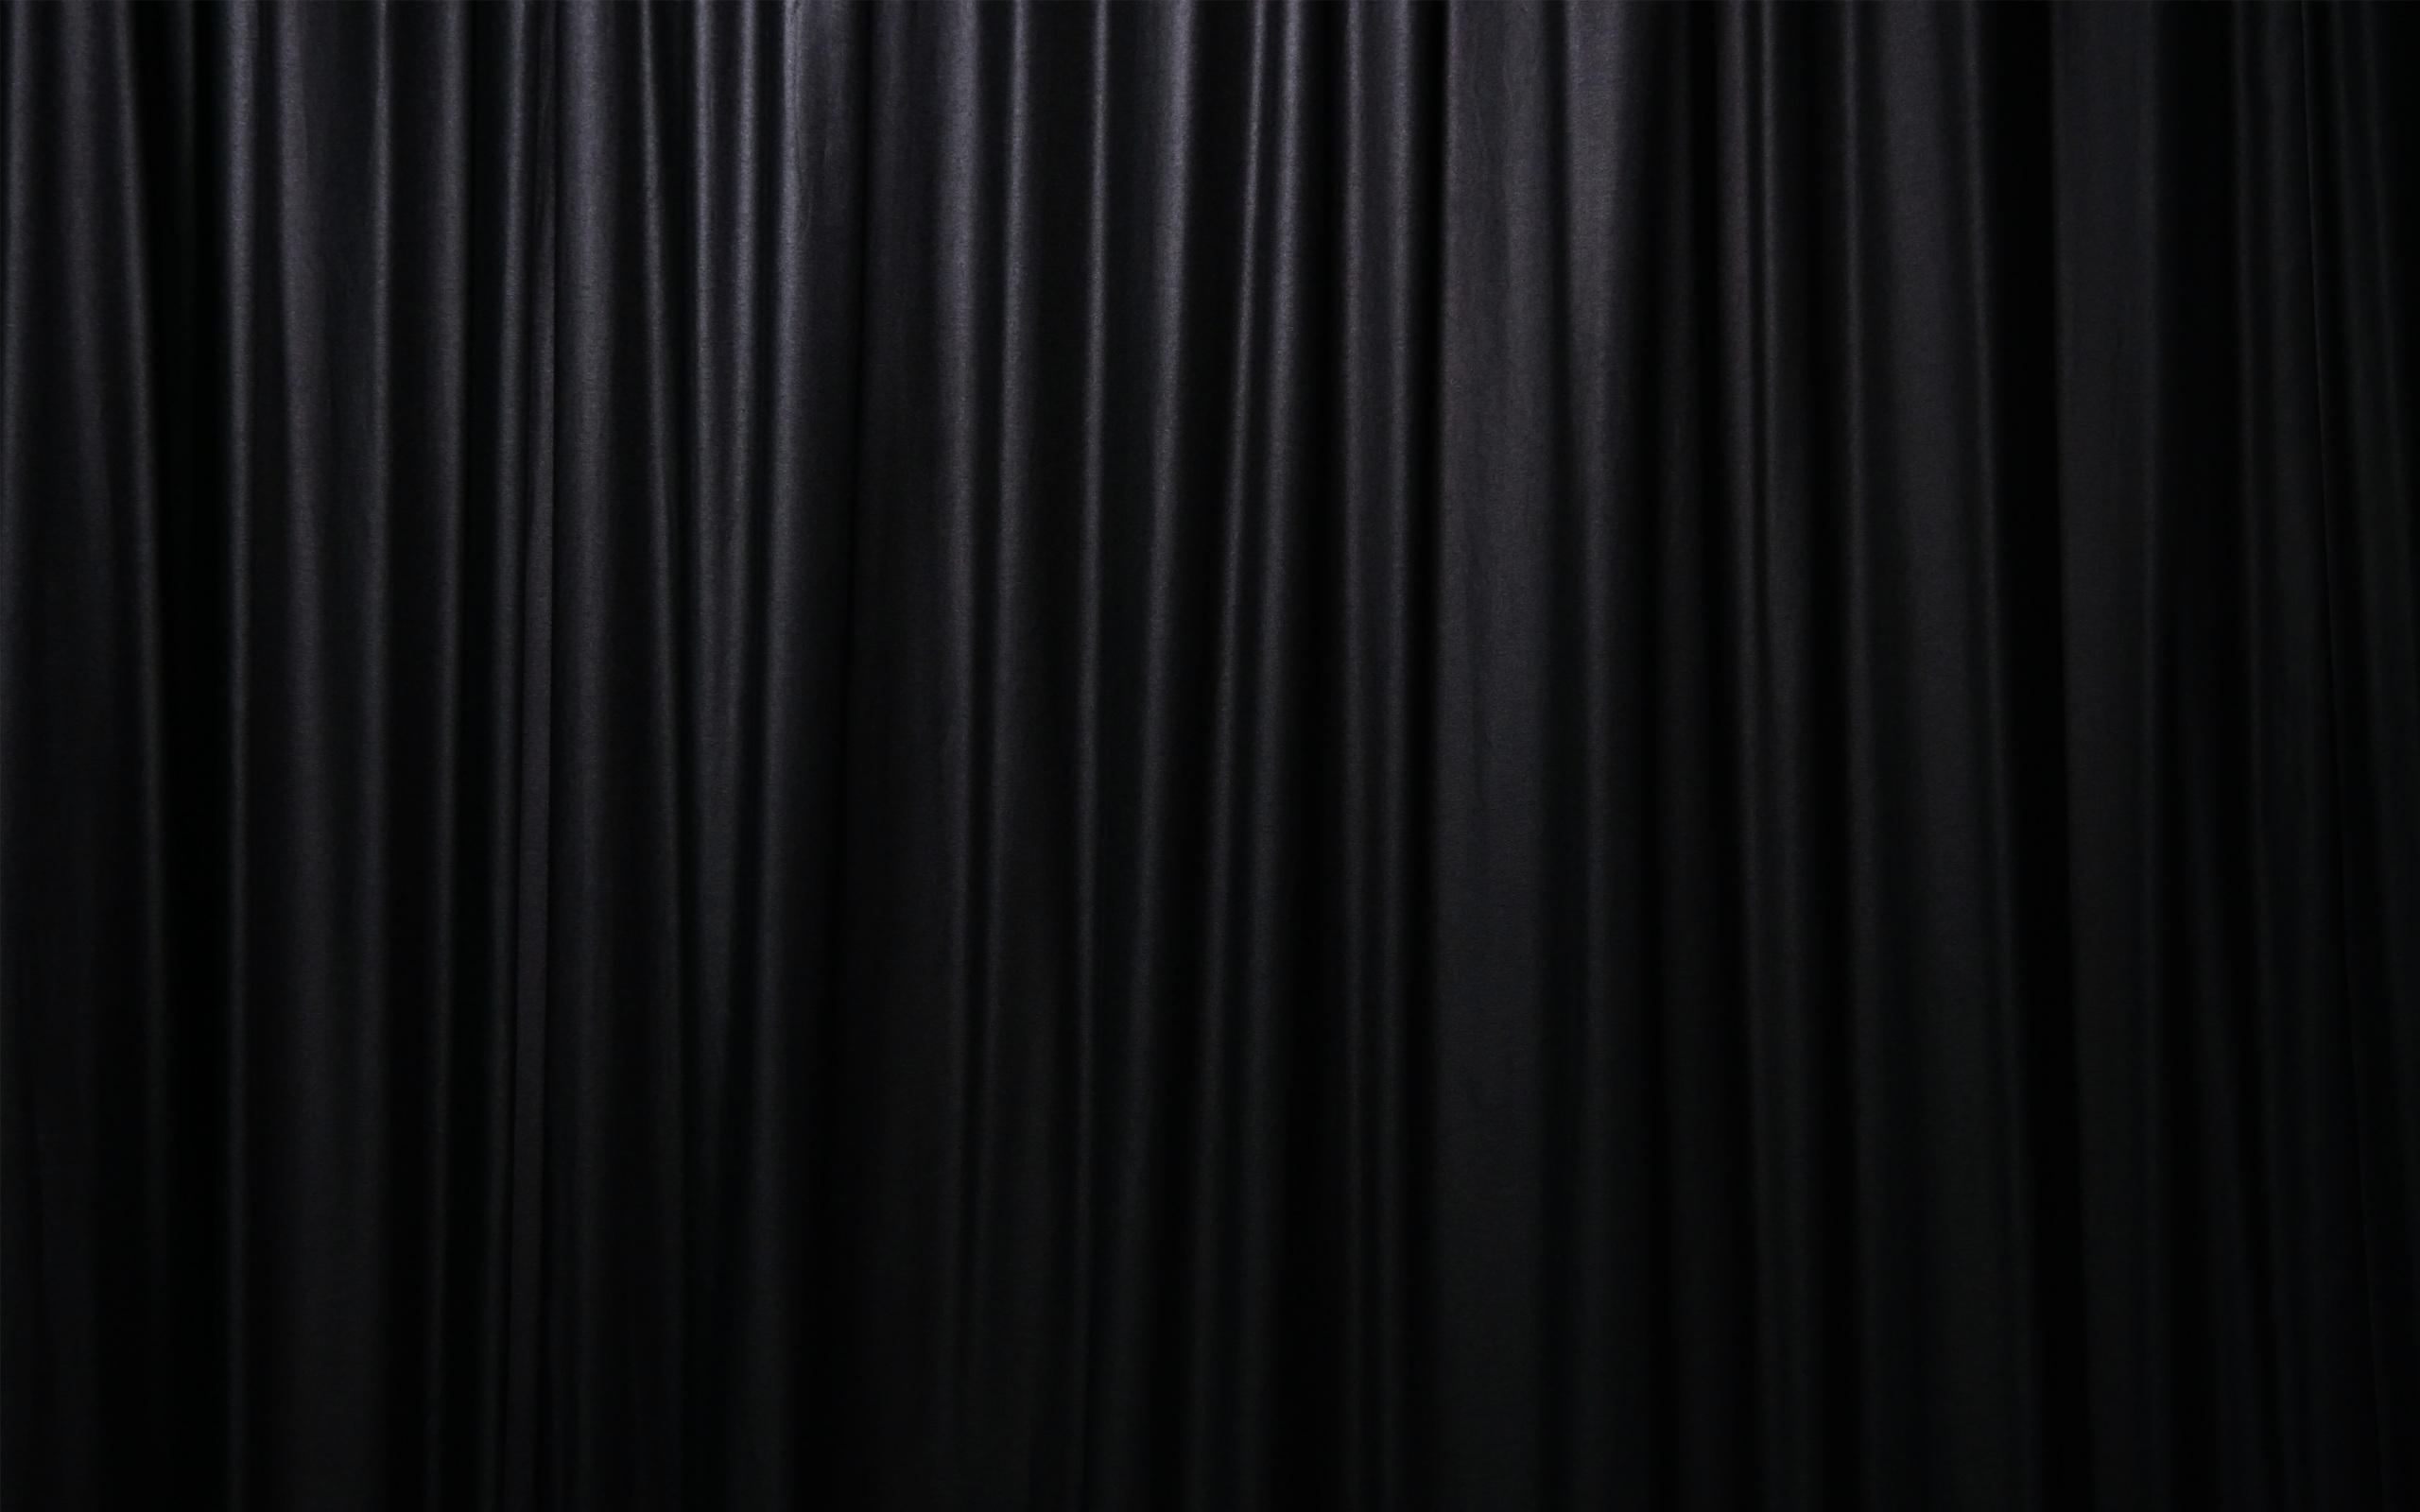 Black Curtain Wallpaper Wallpapersafari